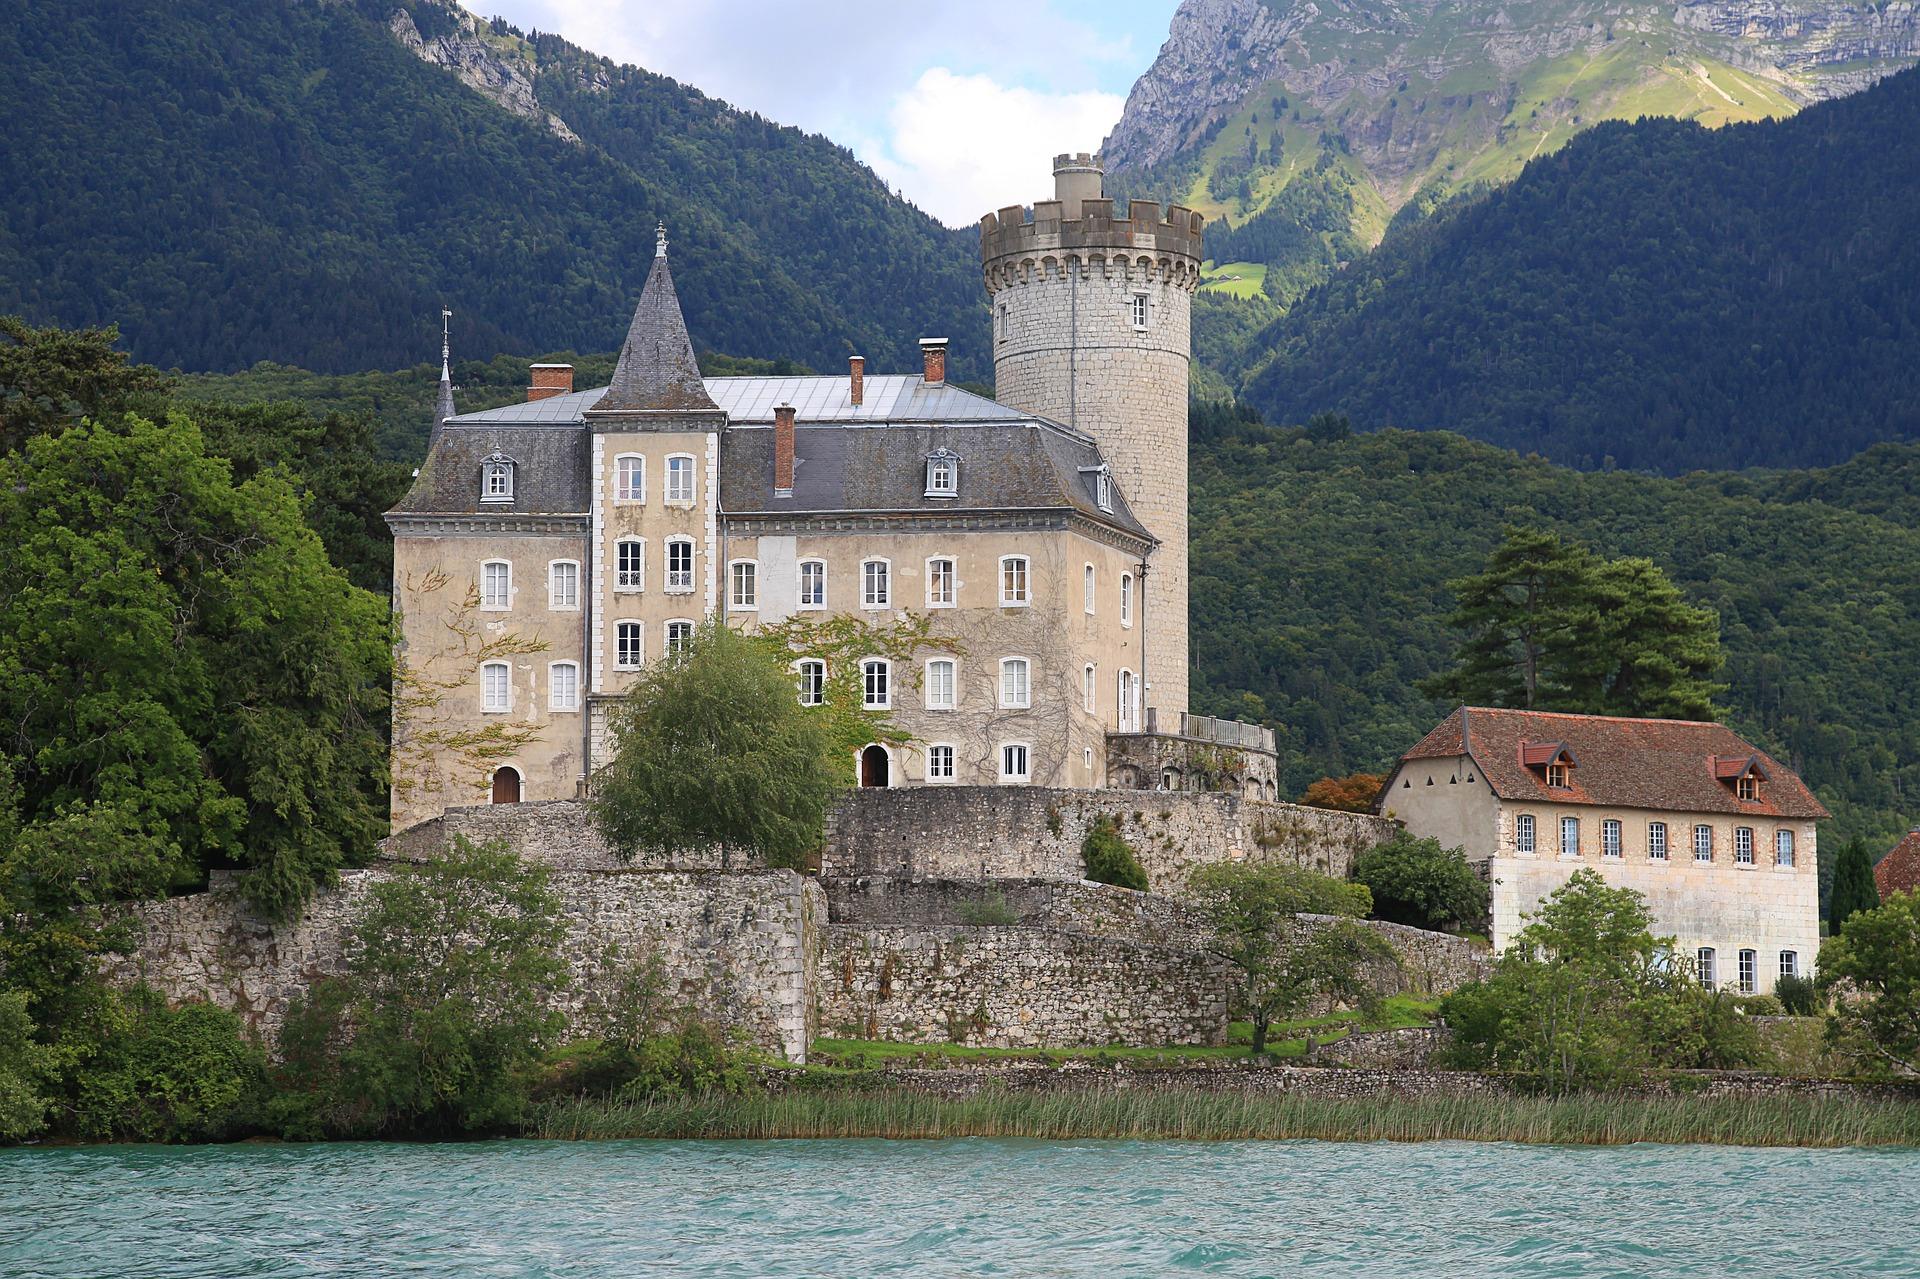 Duingt castle, Annecy Lake © Pixabay